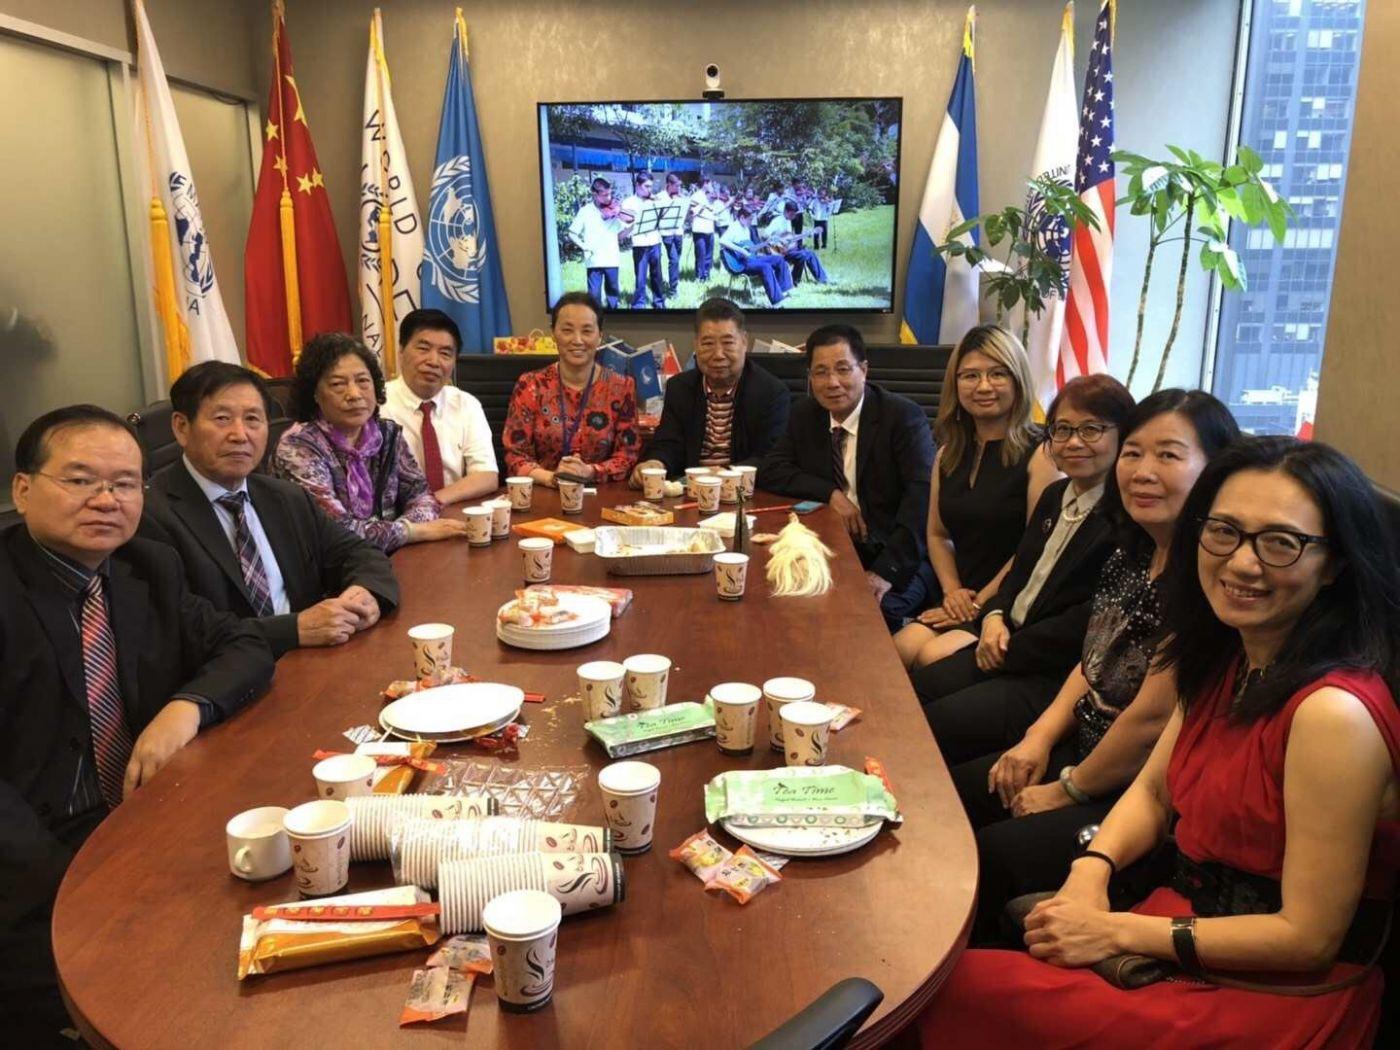 聯合國中華媽祖文化發展基金會受邀参加聯合國納尔遜.曼德拉国际日的一系列活动 ..._图1-24